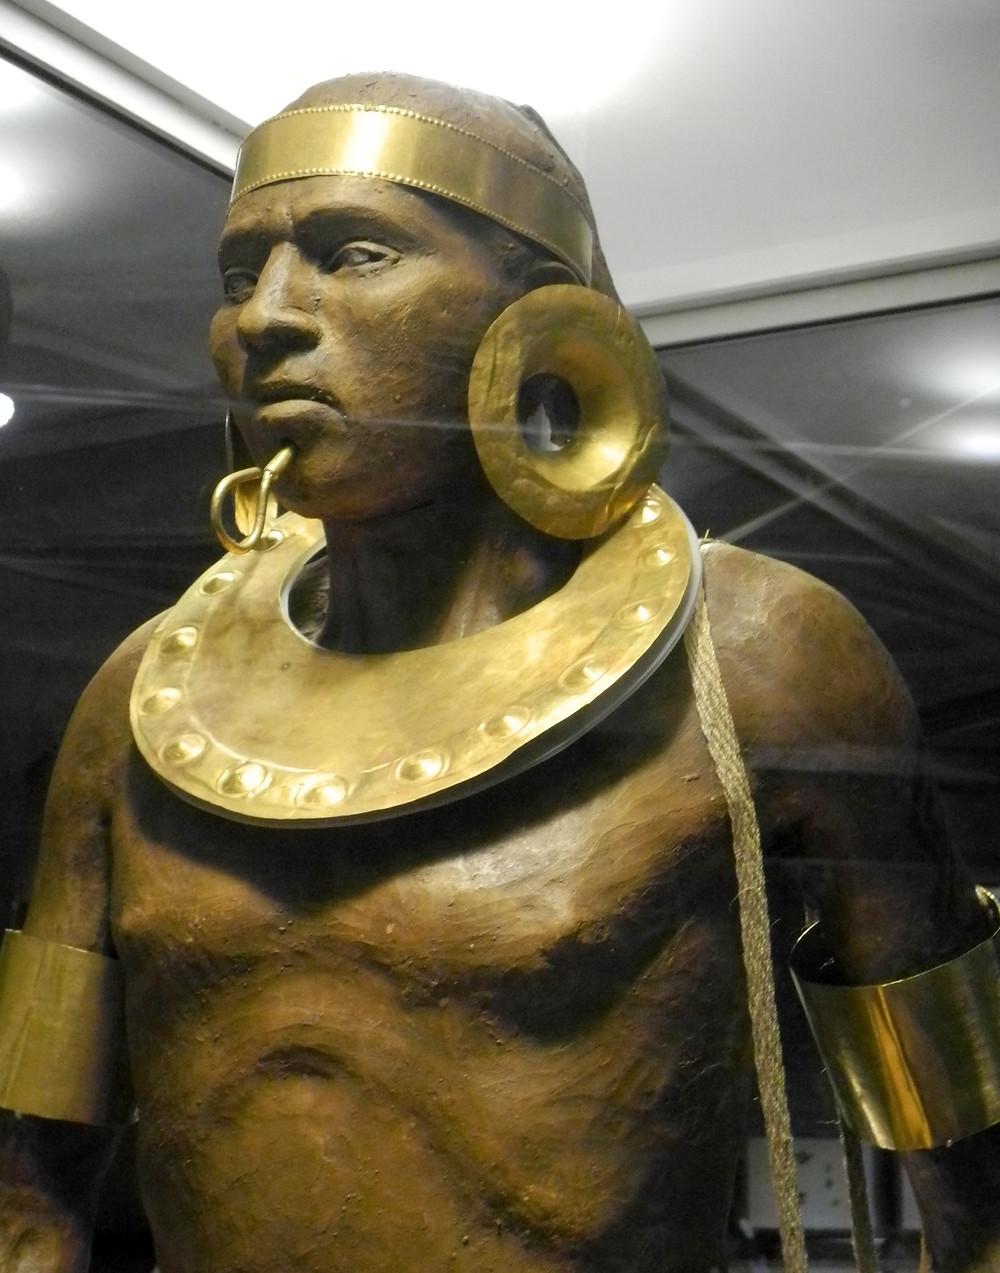 L'or servait aussi aux parures des Bribris, notamment.